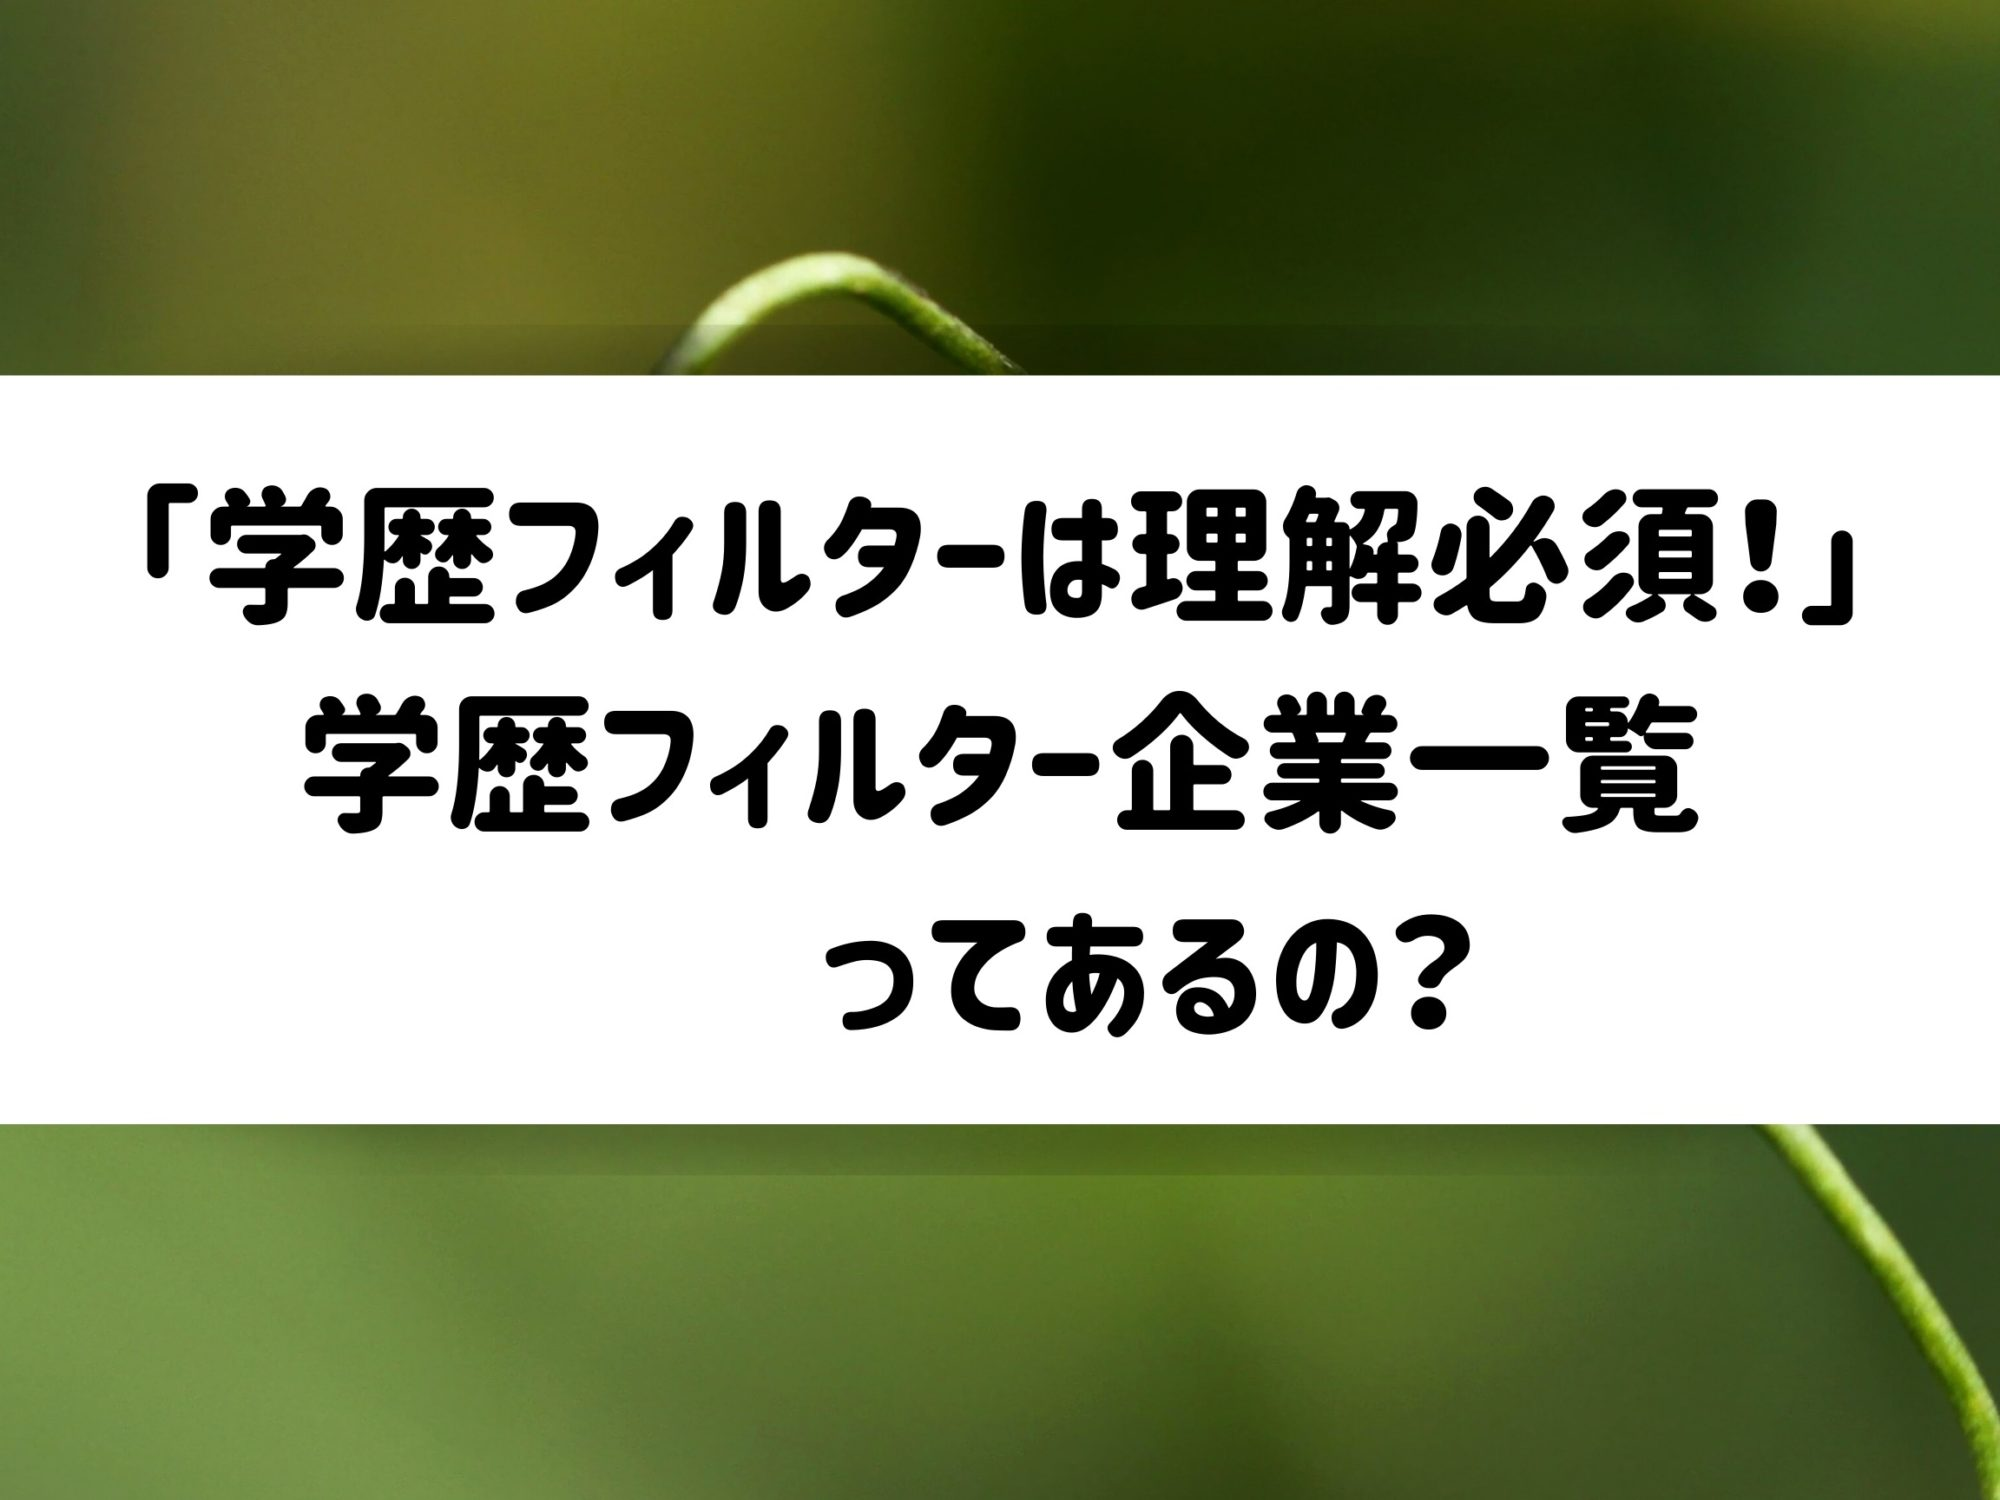 フィルター 学歴